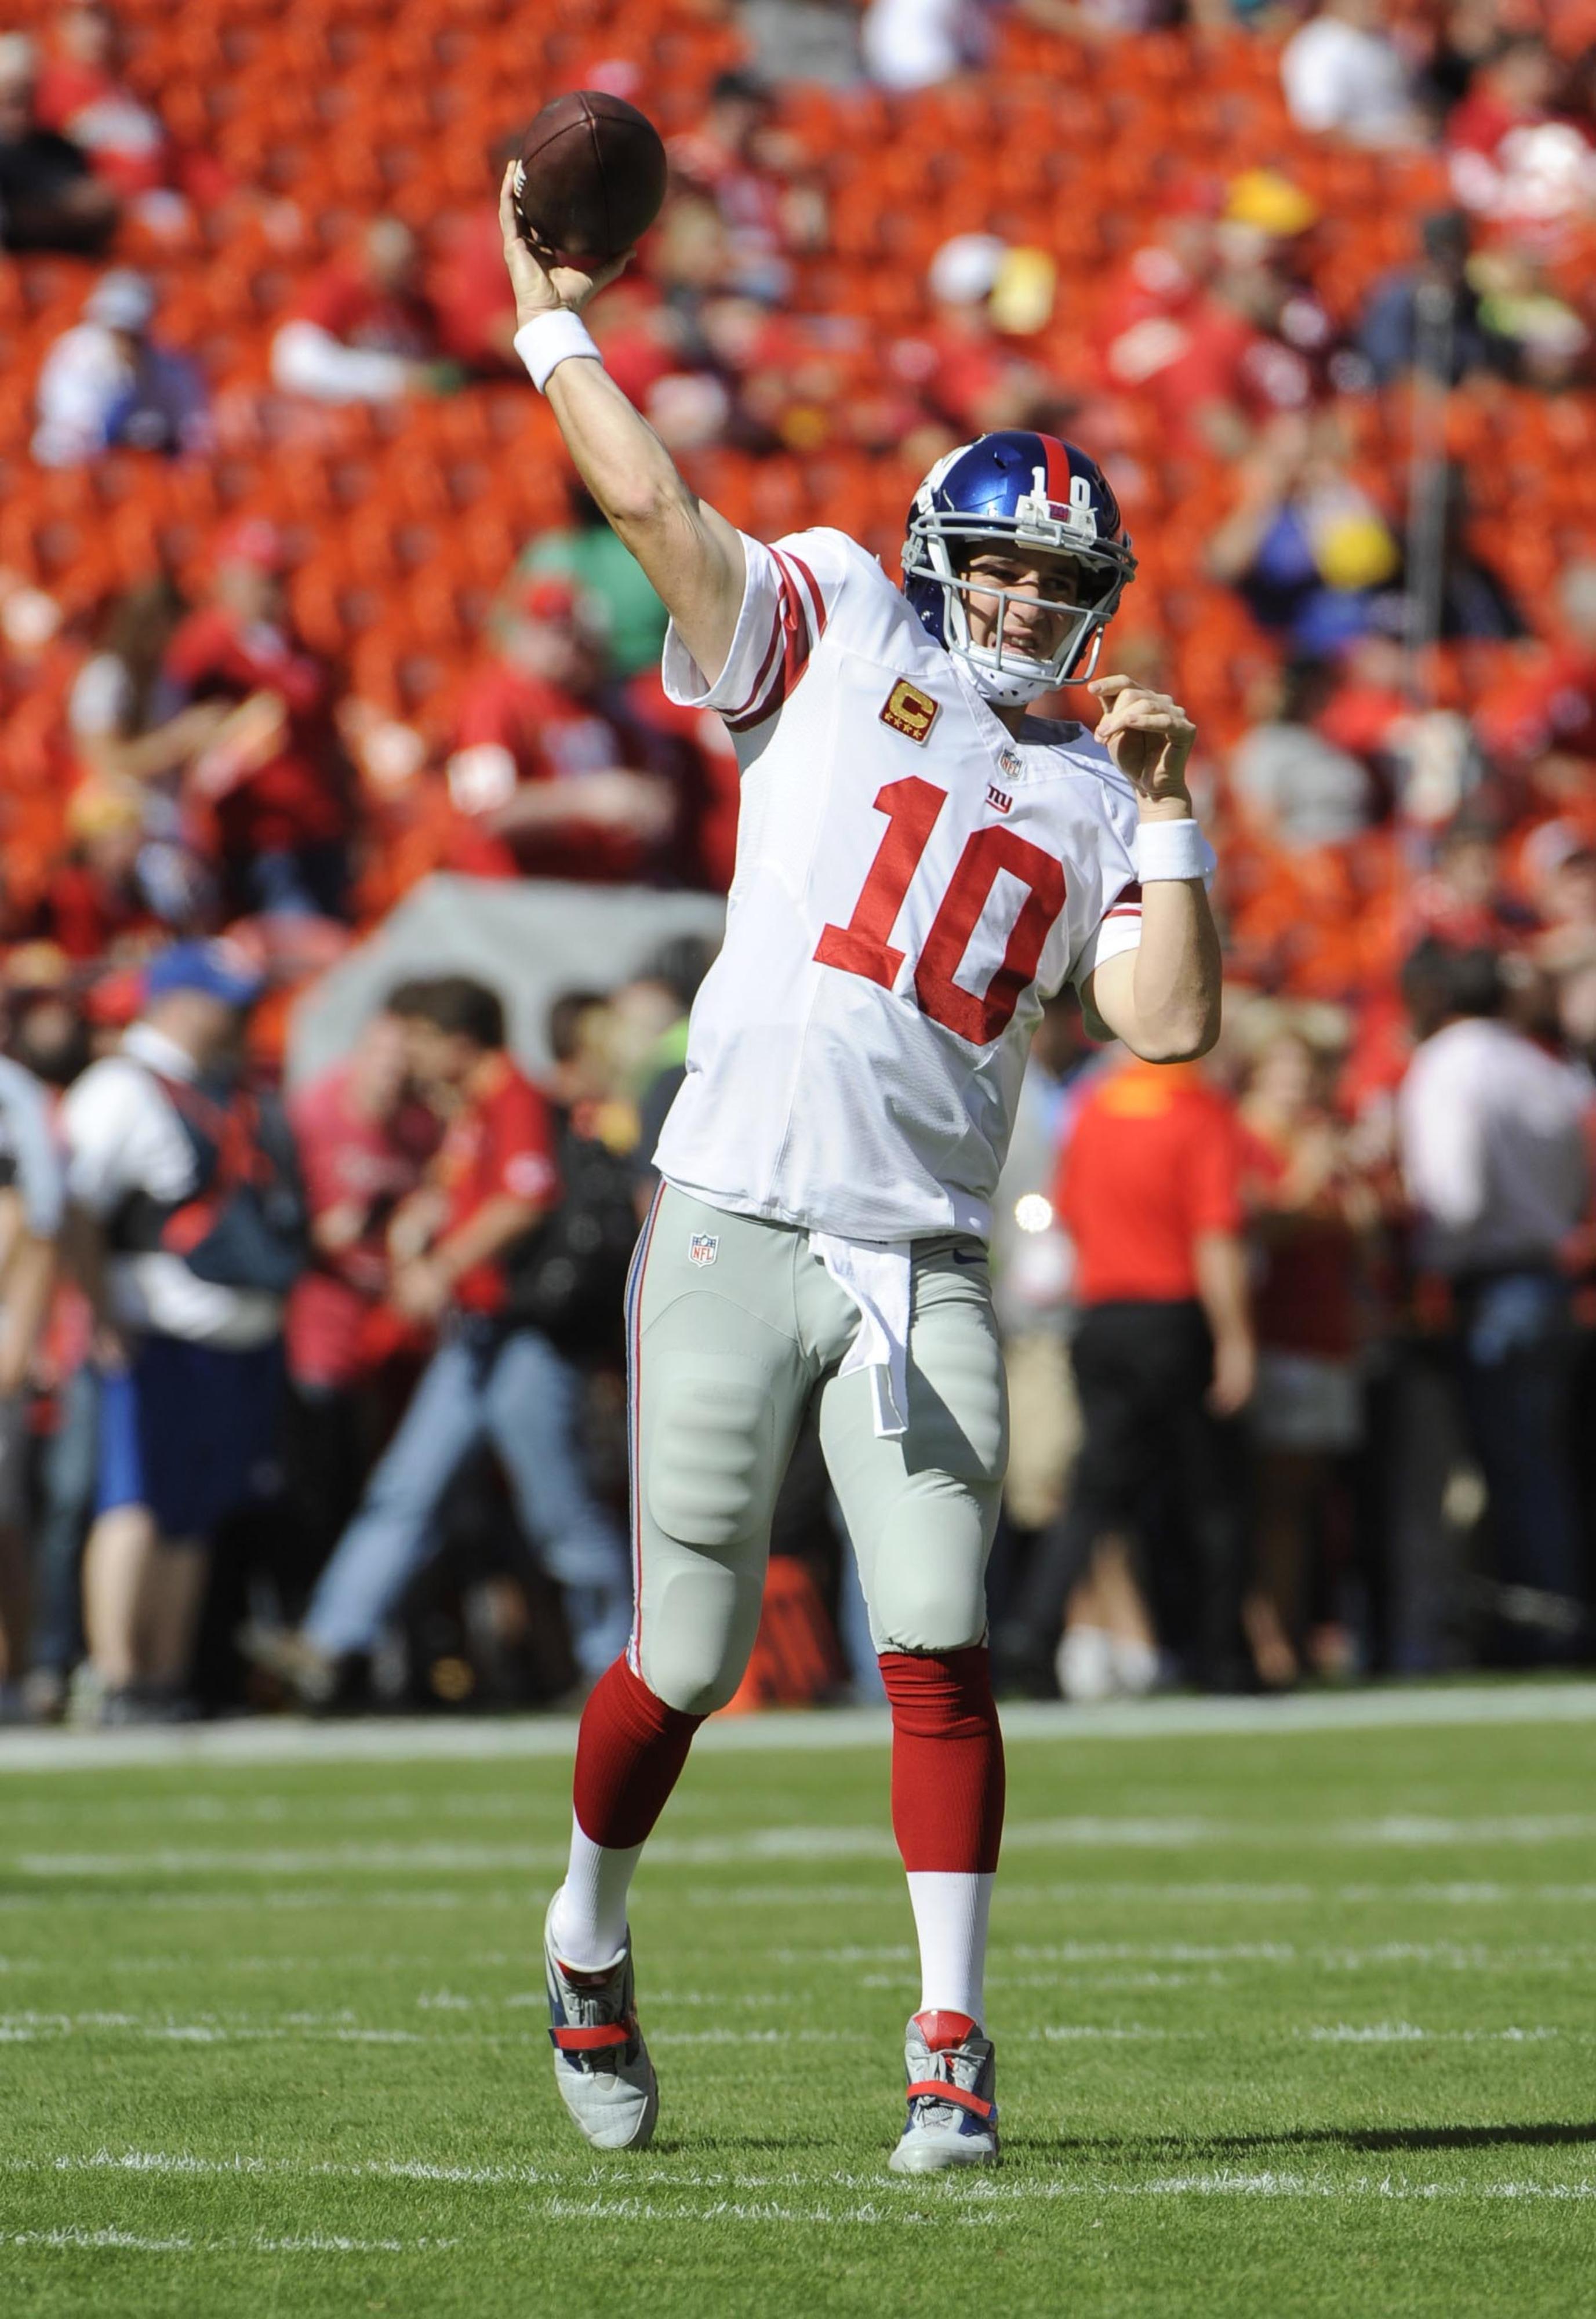 Eli Manning warming up before Sunday's game vs. Kansas City.